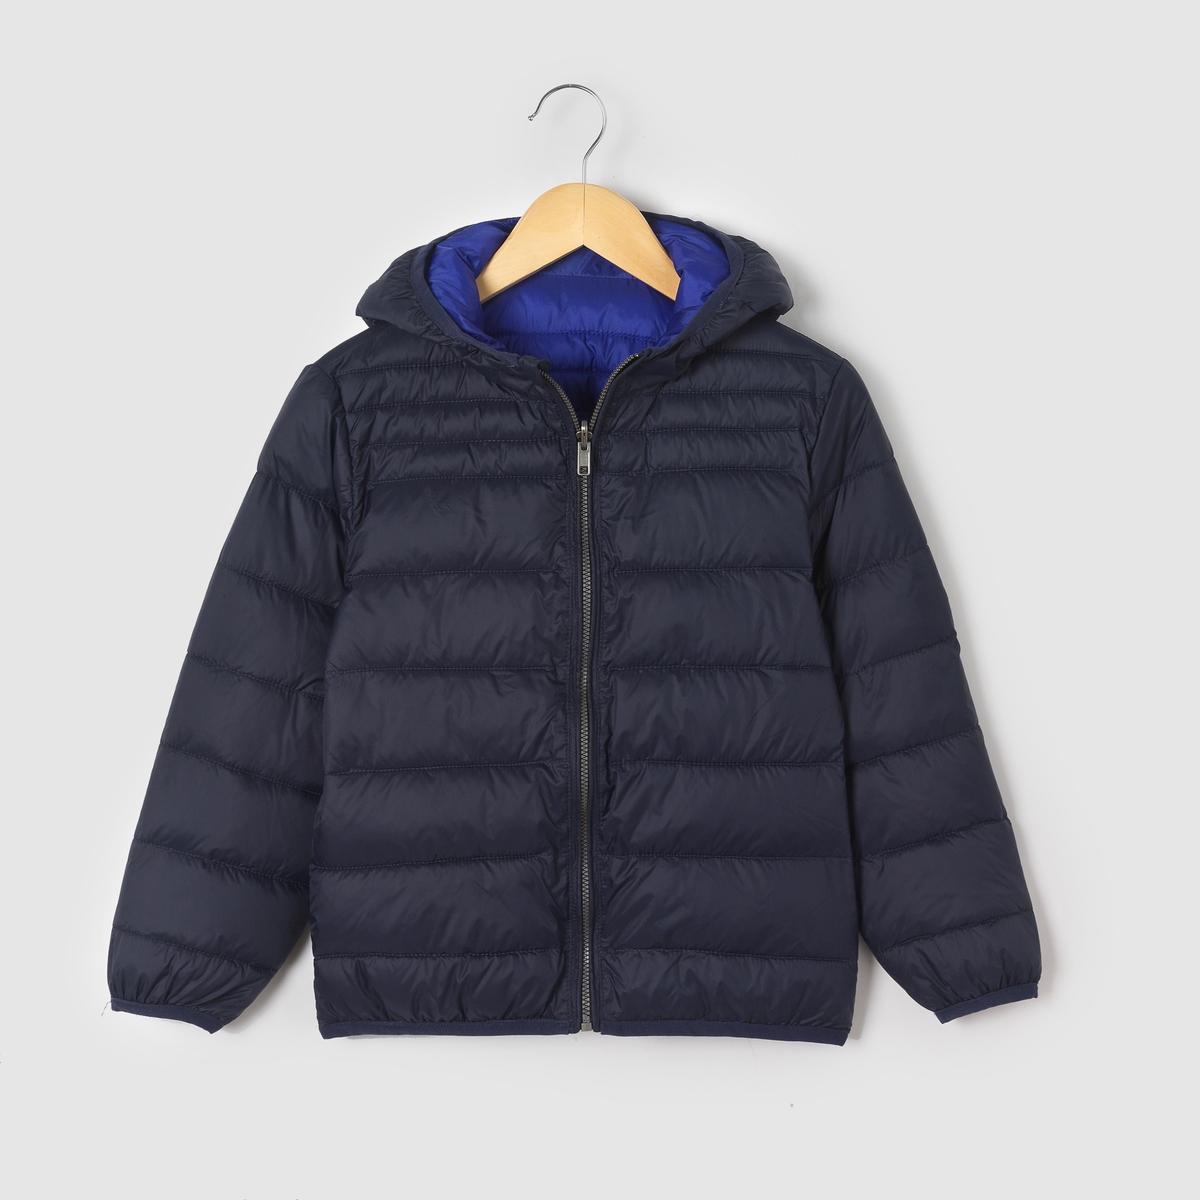 Куртка стеганая тонкая двухсторонняя с капюшоном, 3-12 лет